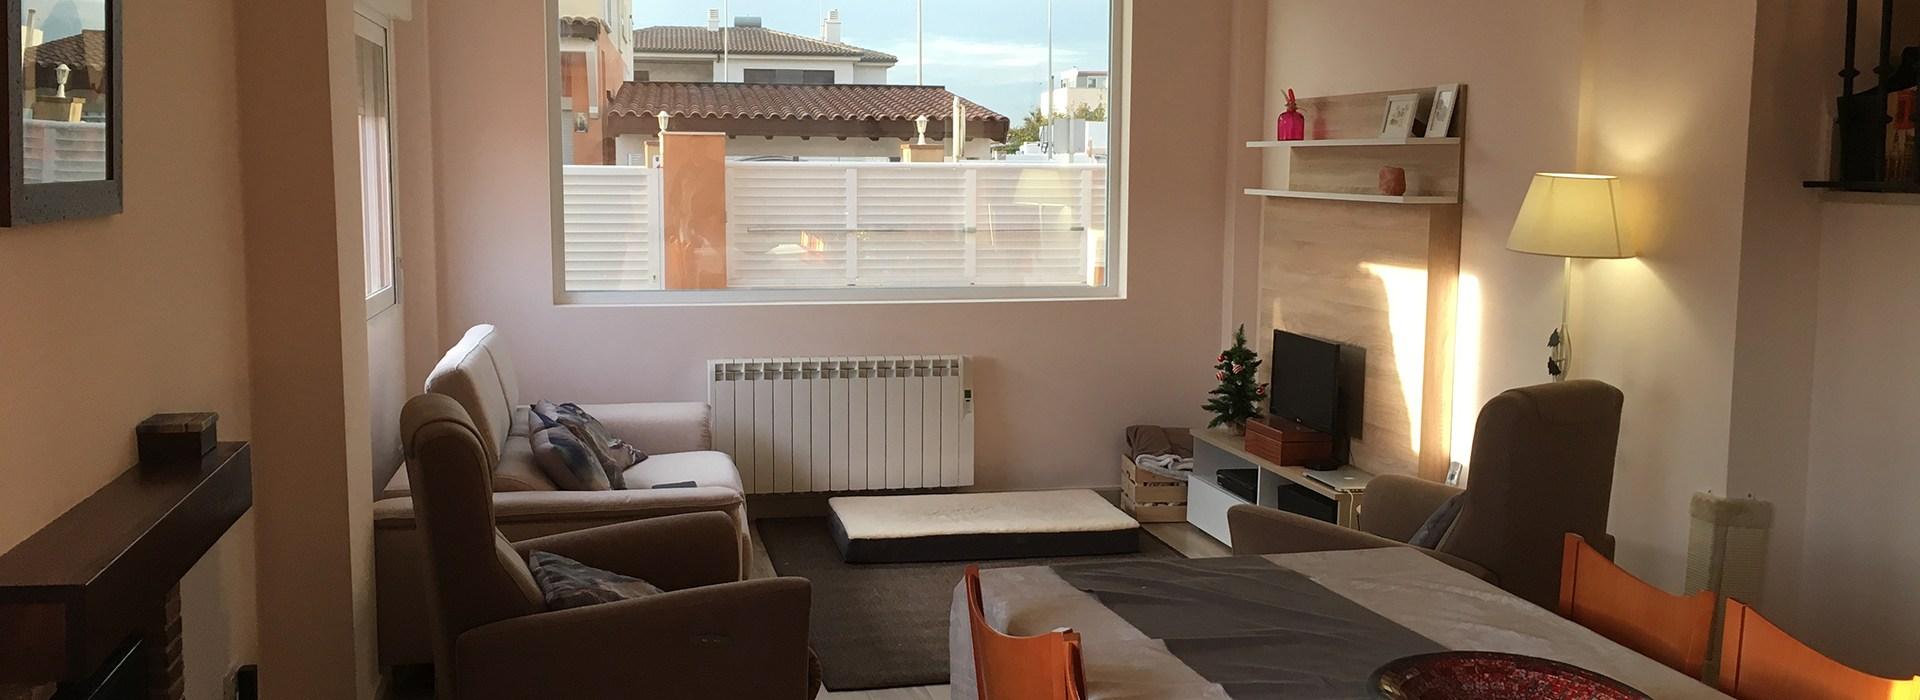 Proyectos de rehabilitación y reforma en Castellon